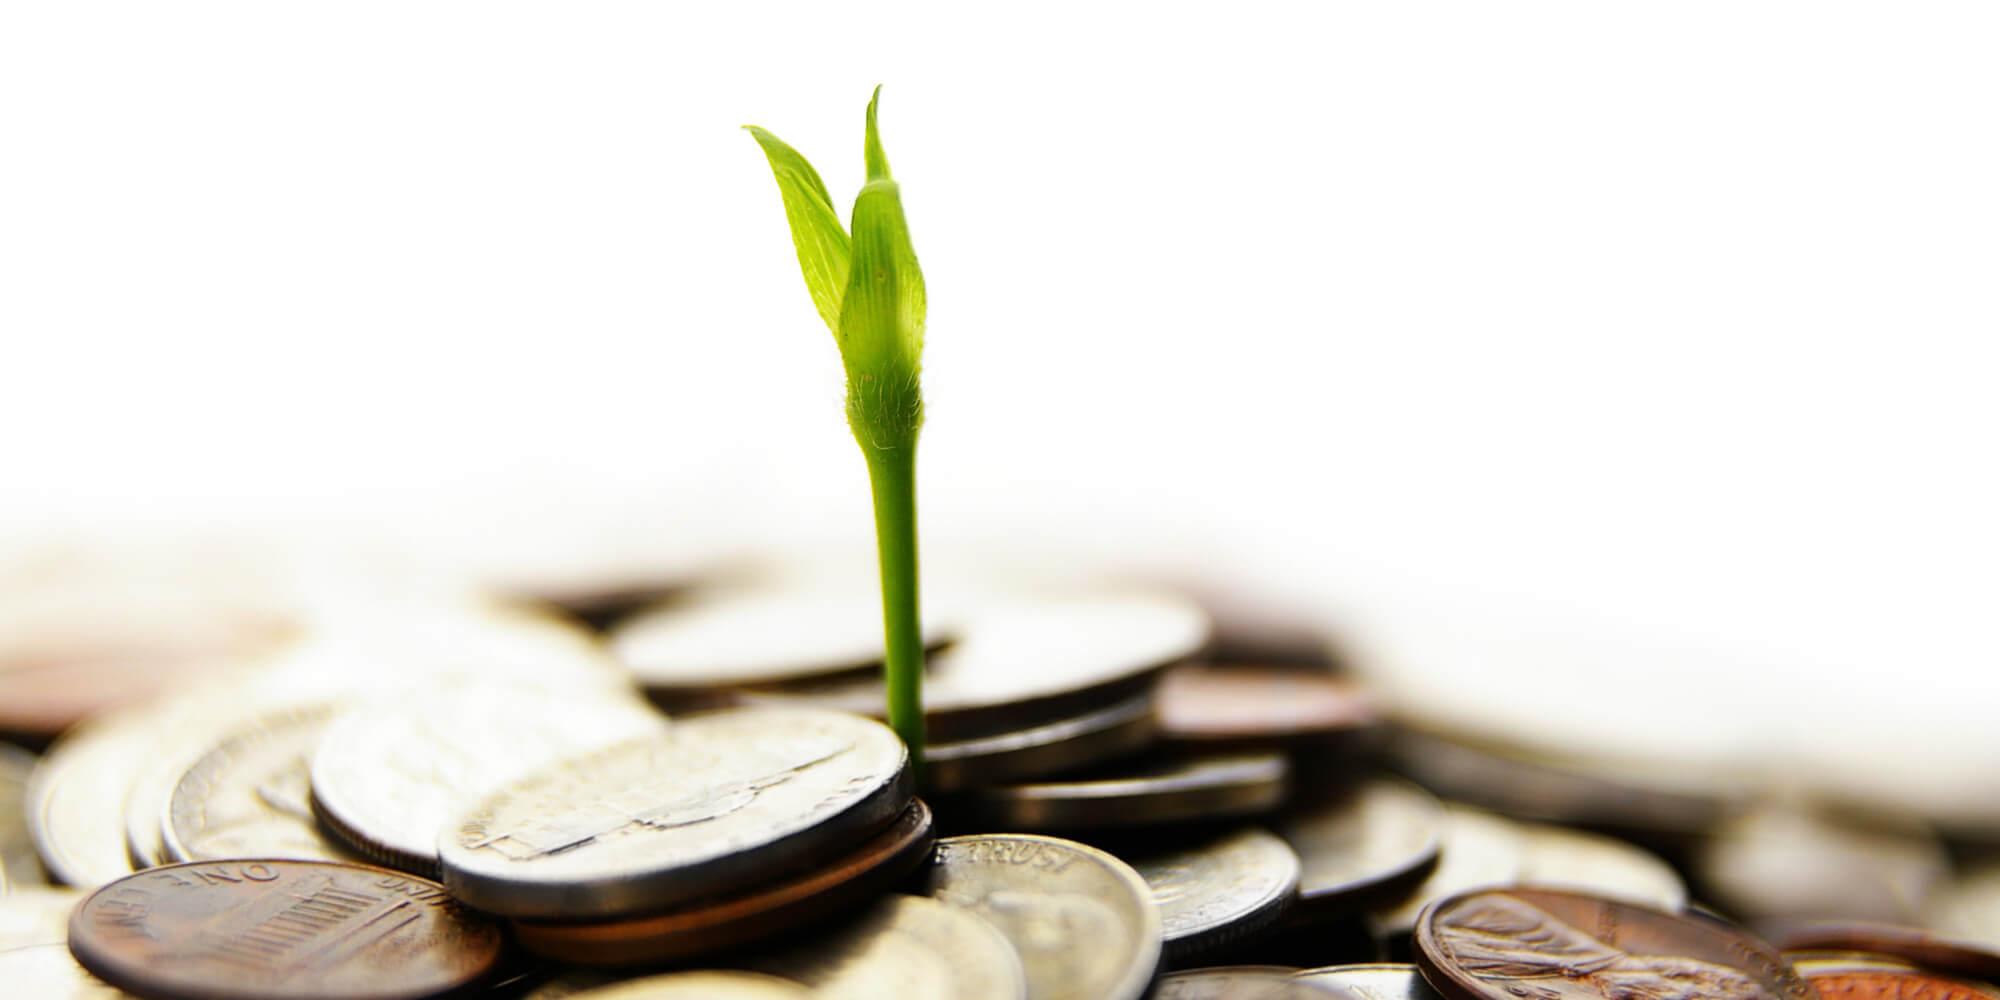 Veba Funding - Investeer uw vermogen in duurzame oplossingen